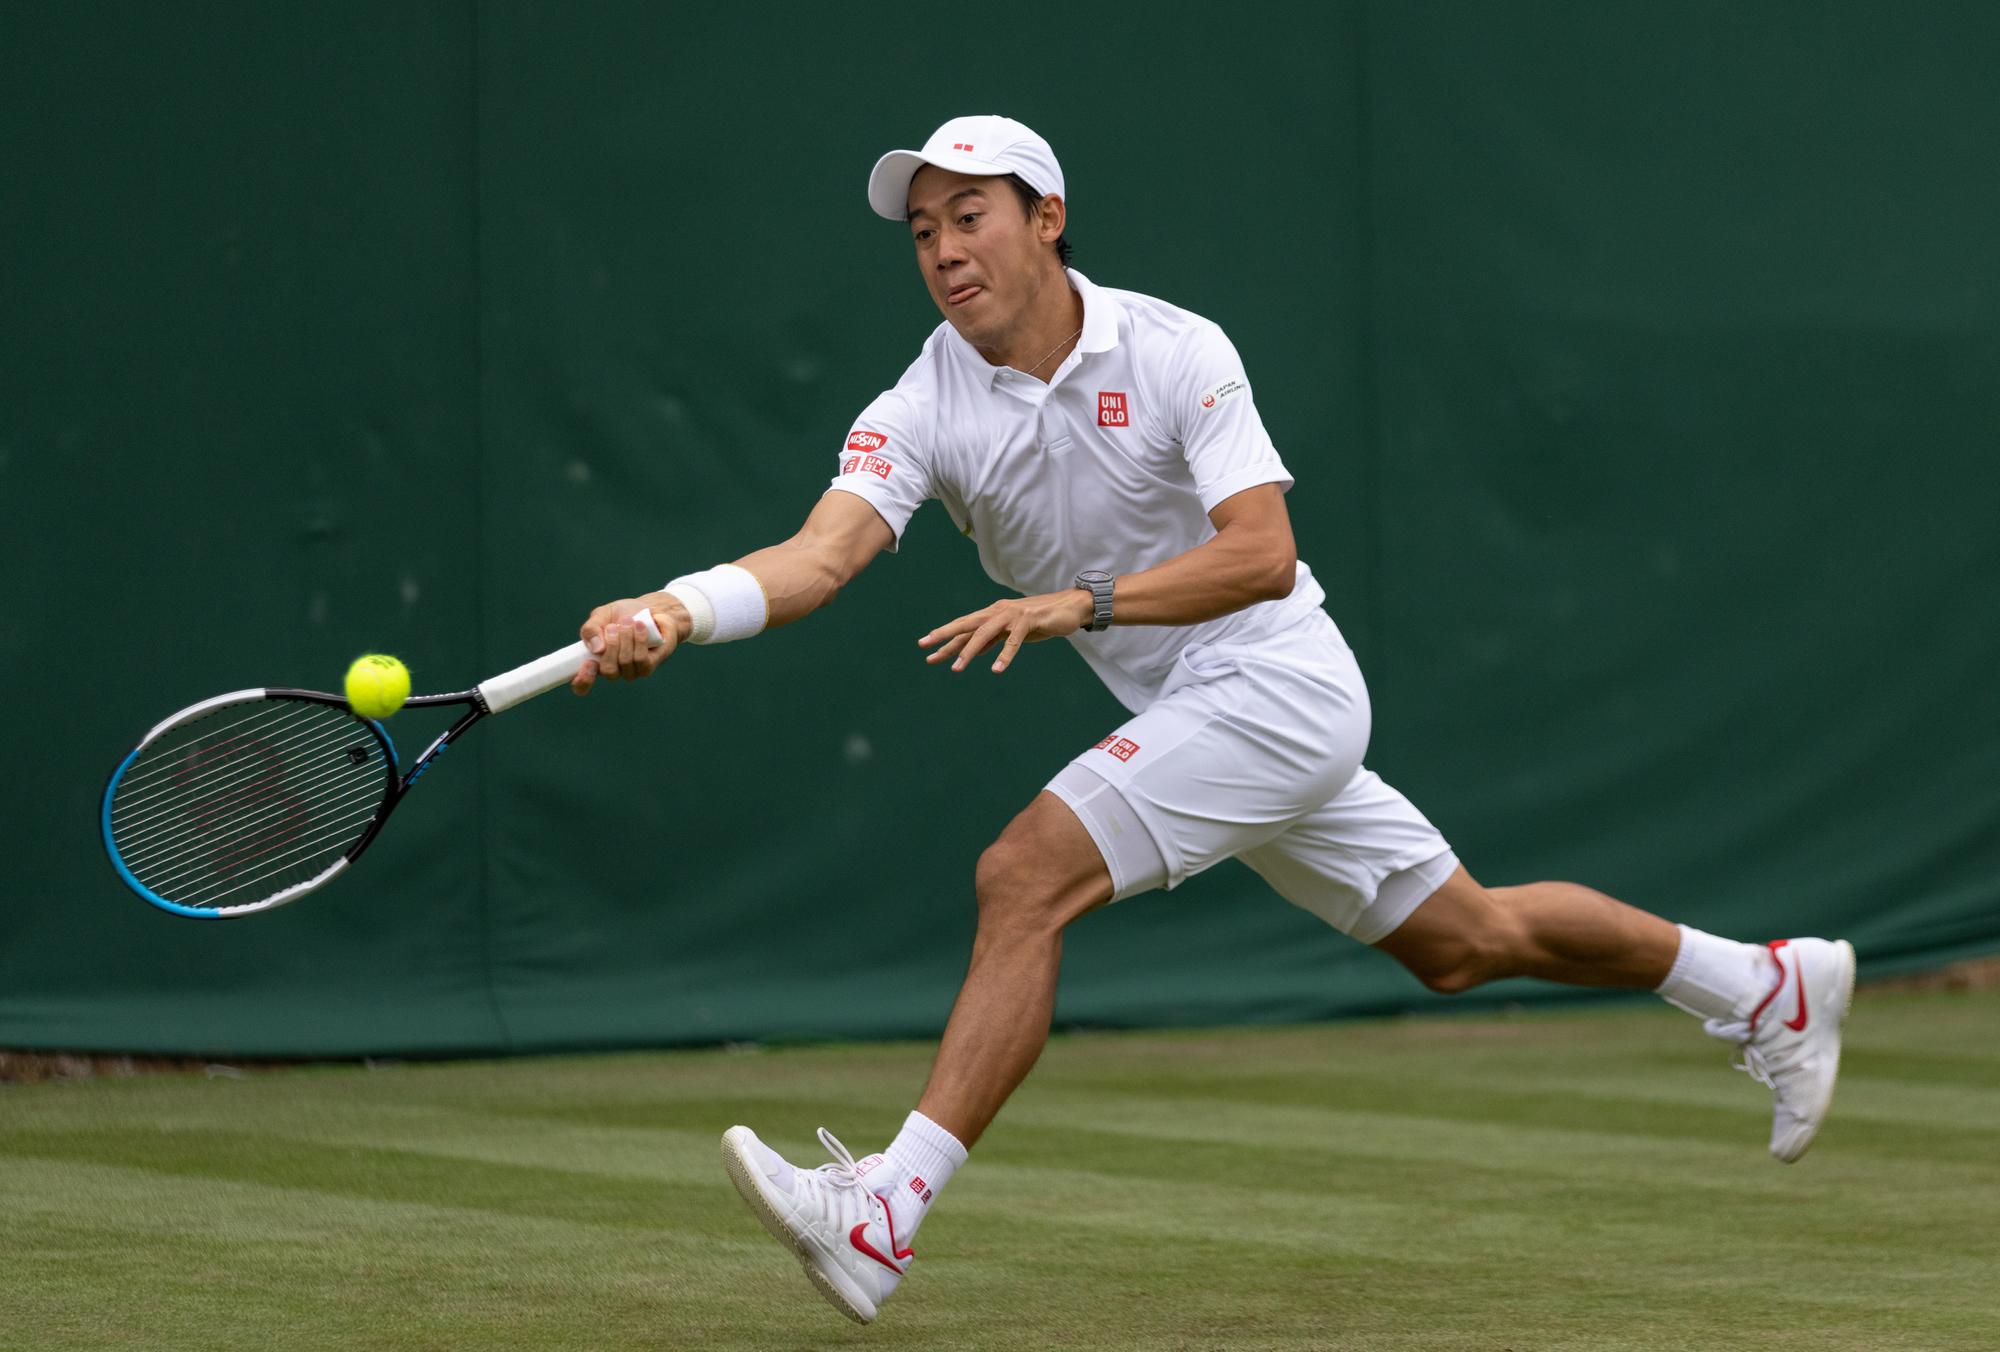 Wimbledon Championships 2021: Kei Nishikori vs. Jordan Thompson Tennis Pick and Prediction